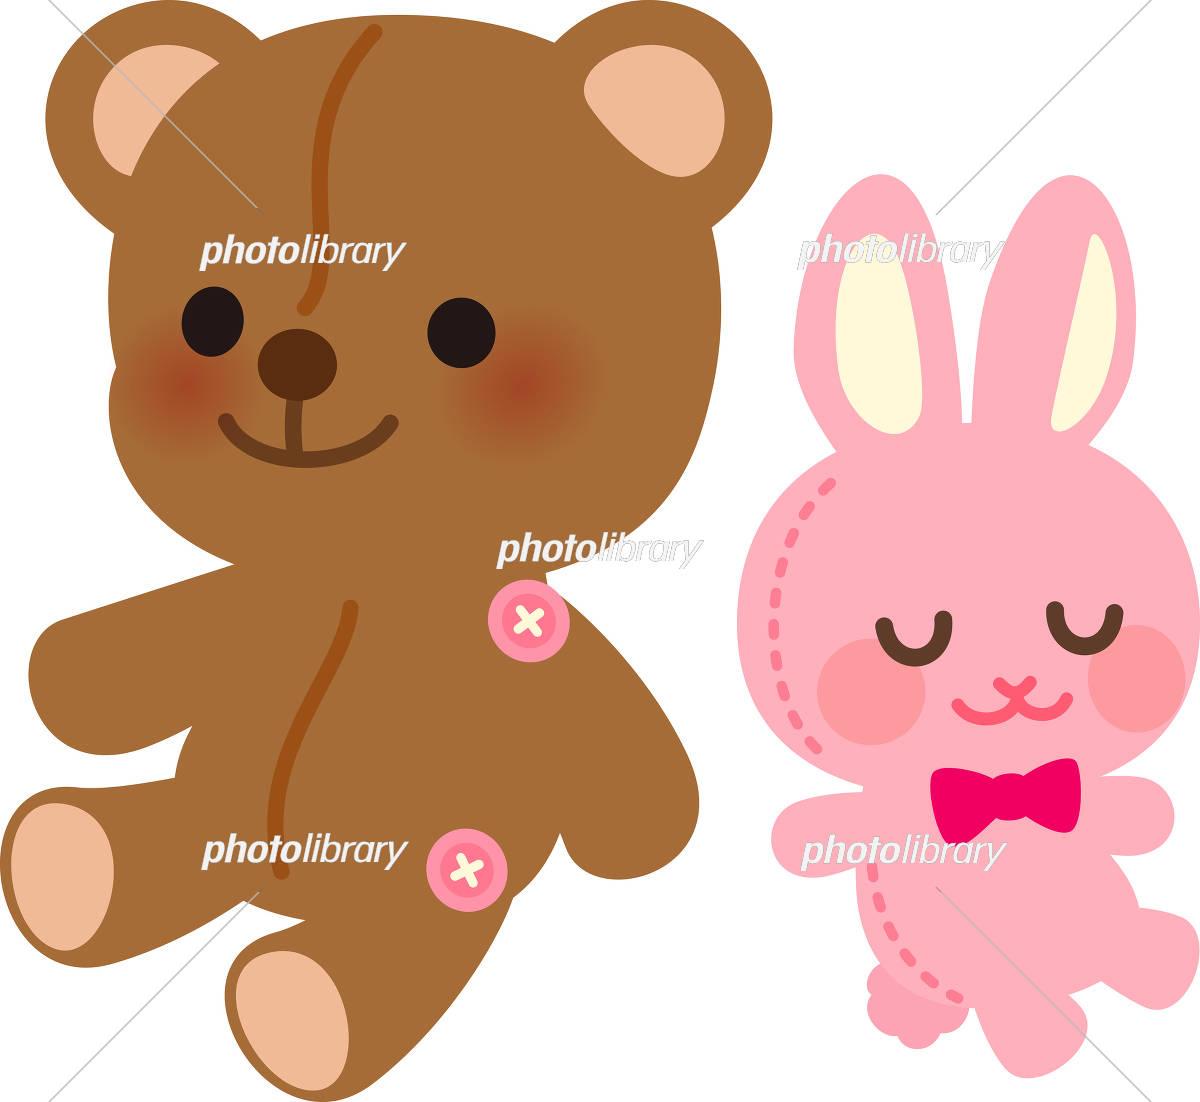 クマとウサギのぬいぐるみ イラスト素材 [ 5345388 ] - フォトライブ